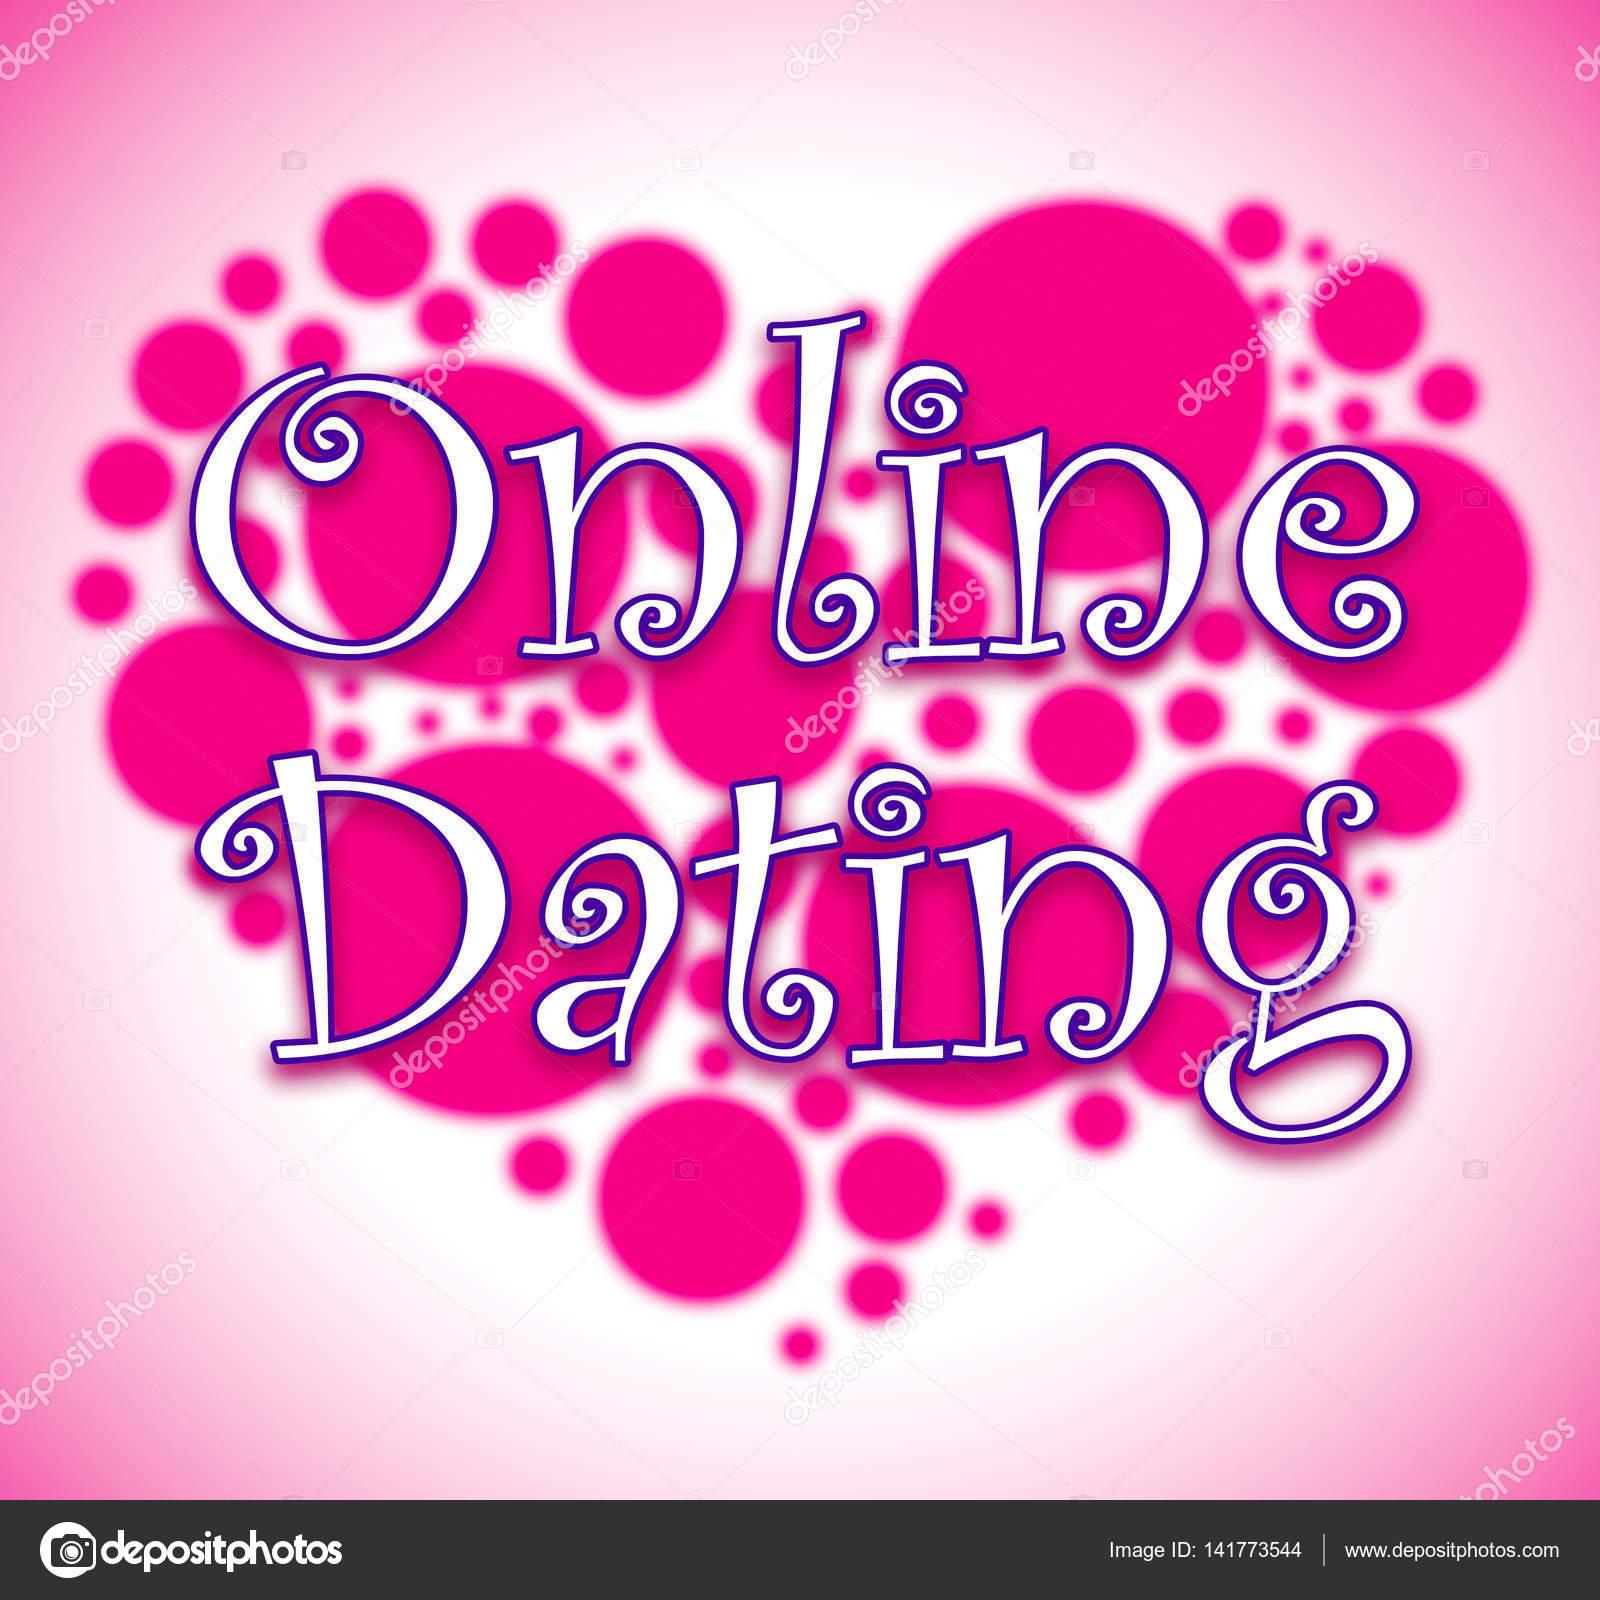 φωτογραφία dating σε απευθείας σύνδεση ΗΠΑ να συνδέσετε εφαρμογές